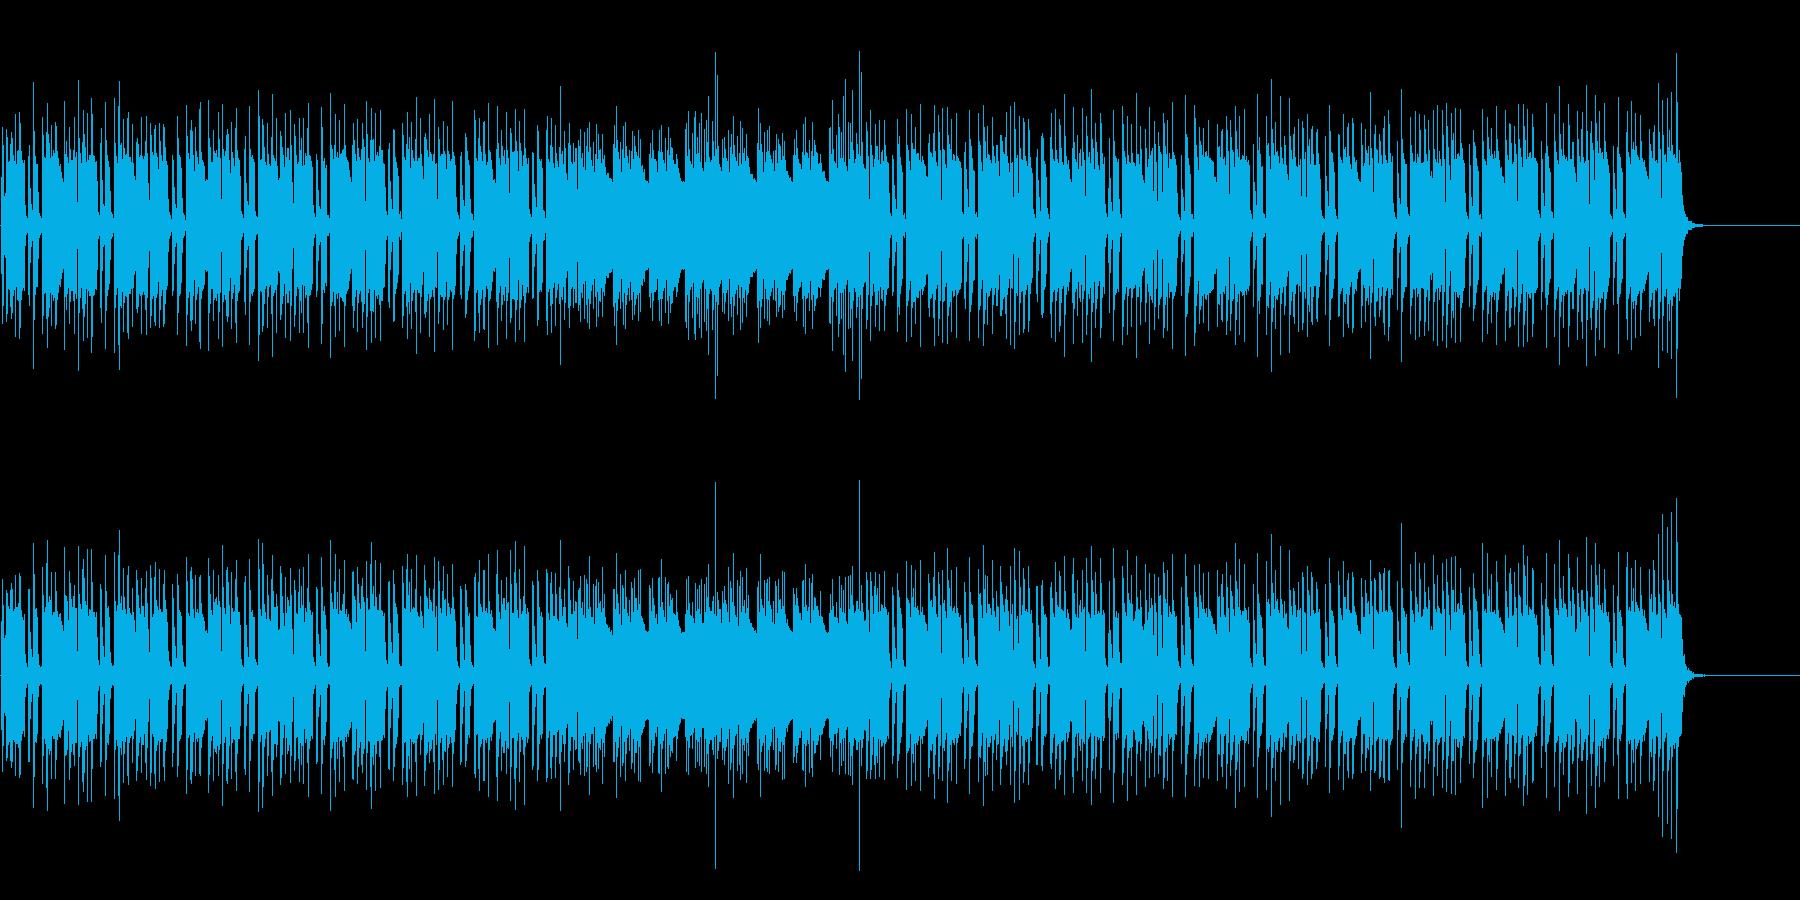 単調で緊迫感のあるマイナーテクノポップスの再生済みの波形